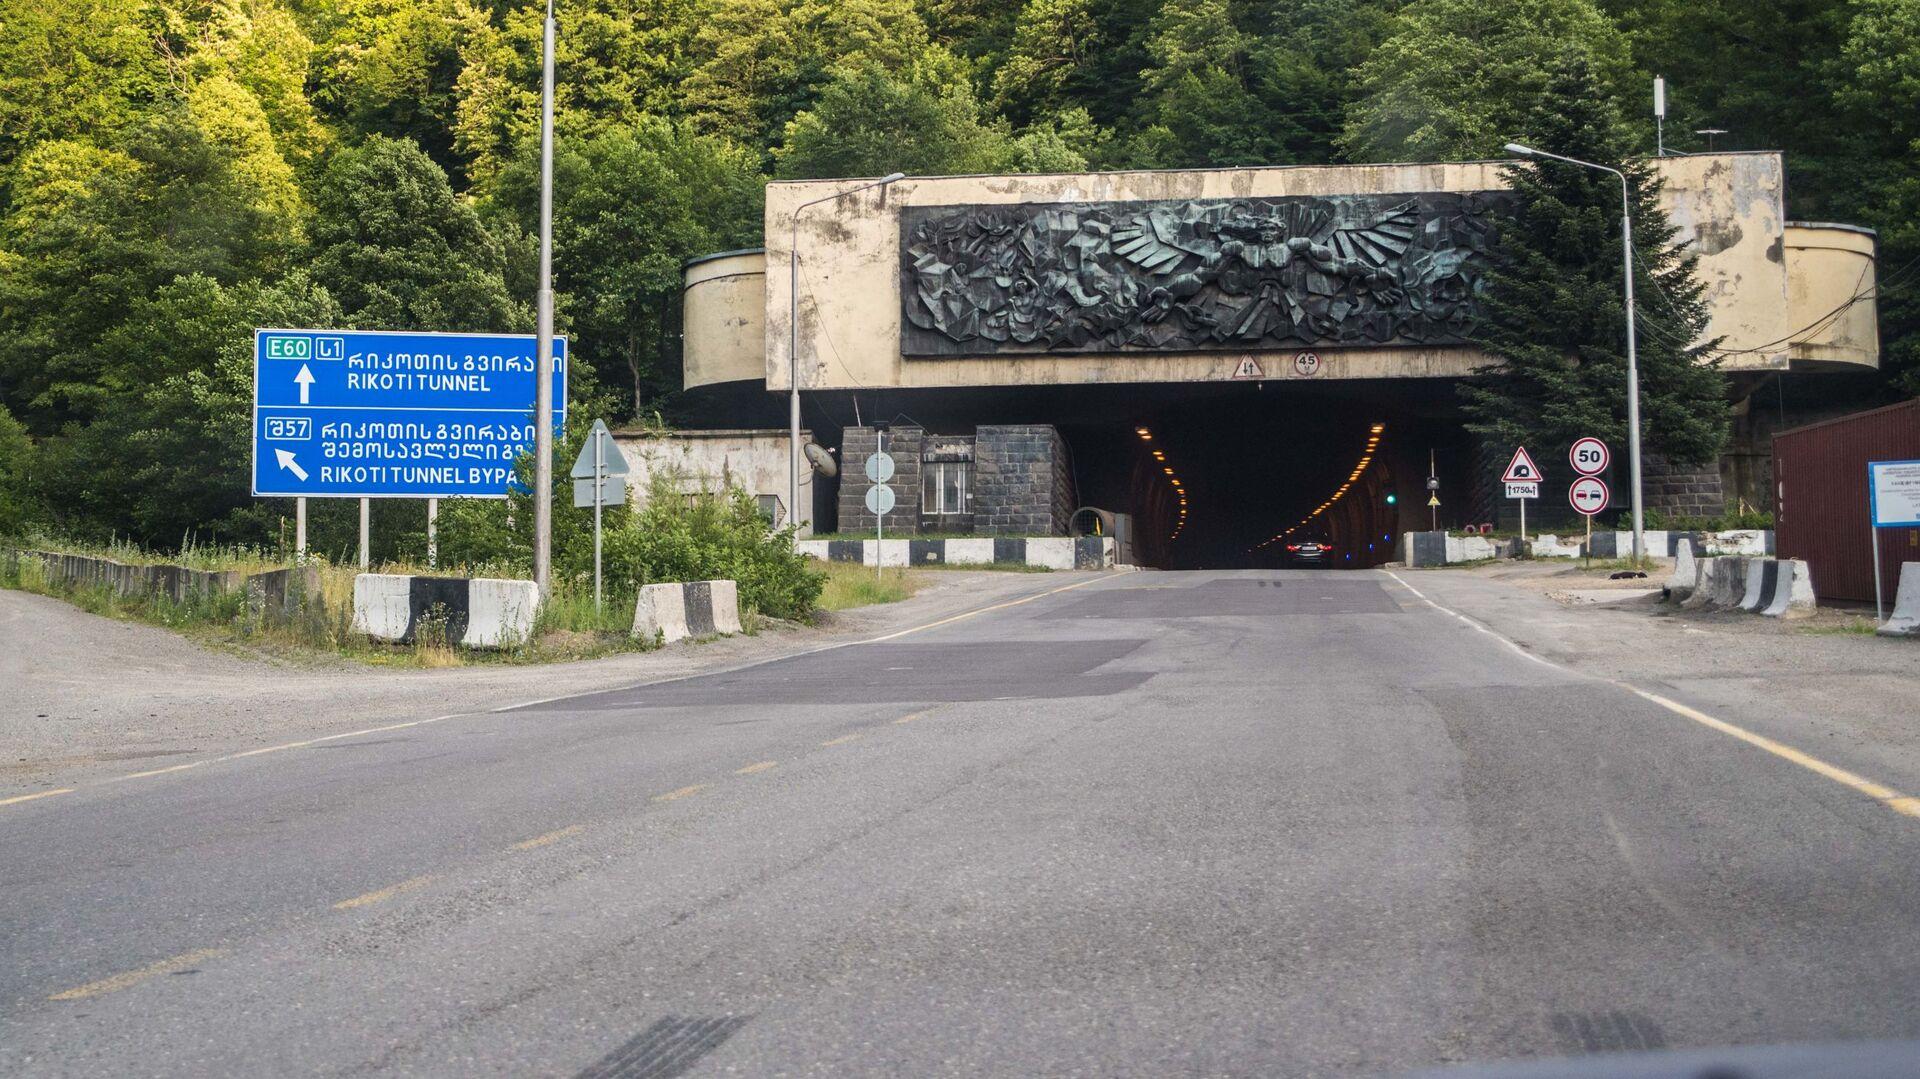 Рикотский перевал. Строительство новой трассы Восток Запад и прокладка тоннелей - Sputnik Грузия, 1920, 01.09.2021